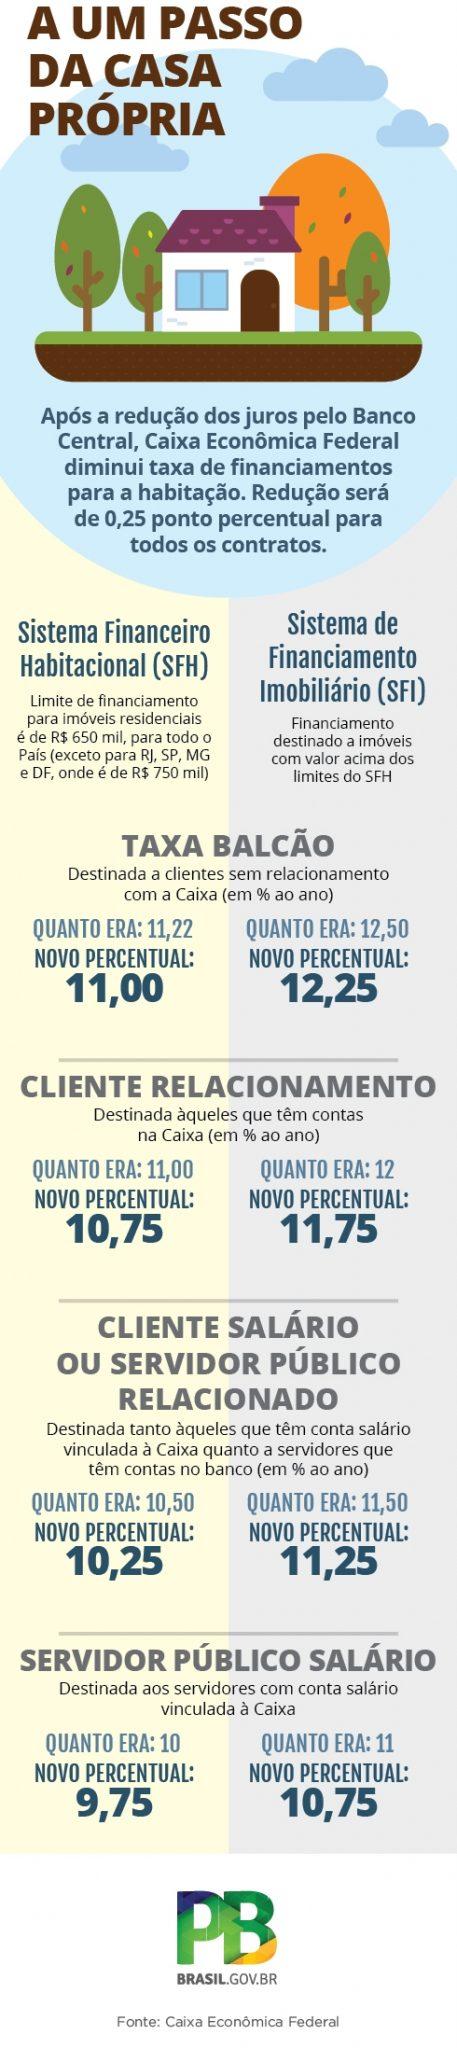 A CAIXA reduziu a taxa de juros nas linhas de crédito imobiliário com recursos da poupança para pessoa física e pessoa jurídica